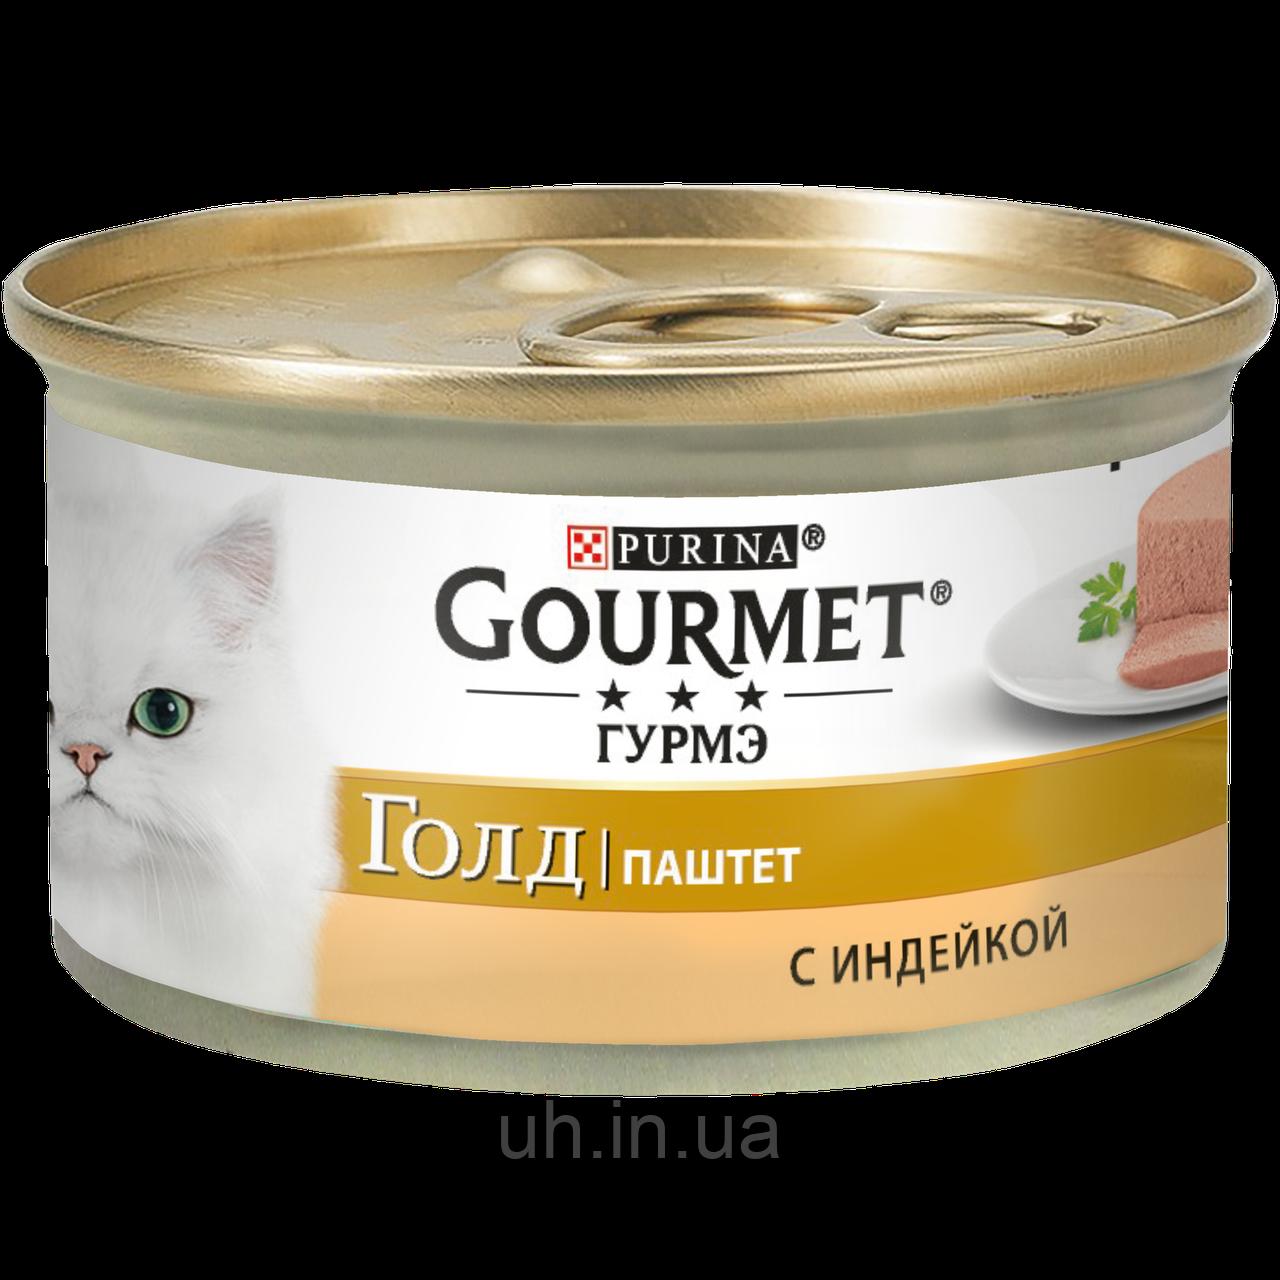 Gourmet Gold Консервы для кошек индейкой и шпинатом 85 гр*24шт